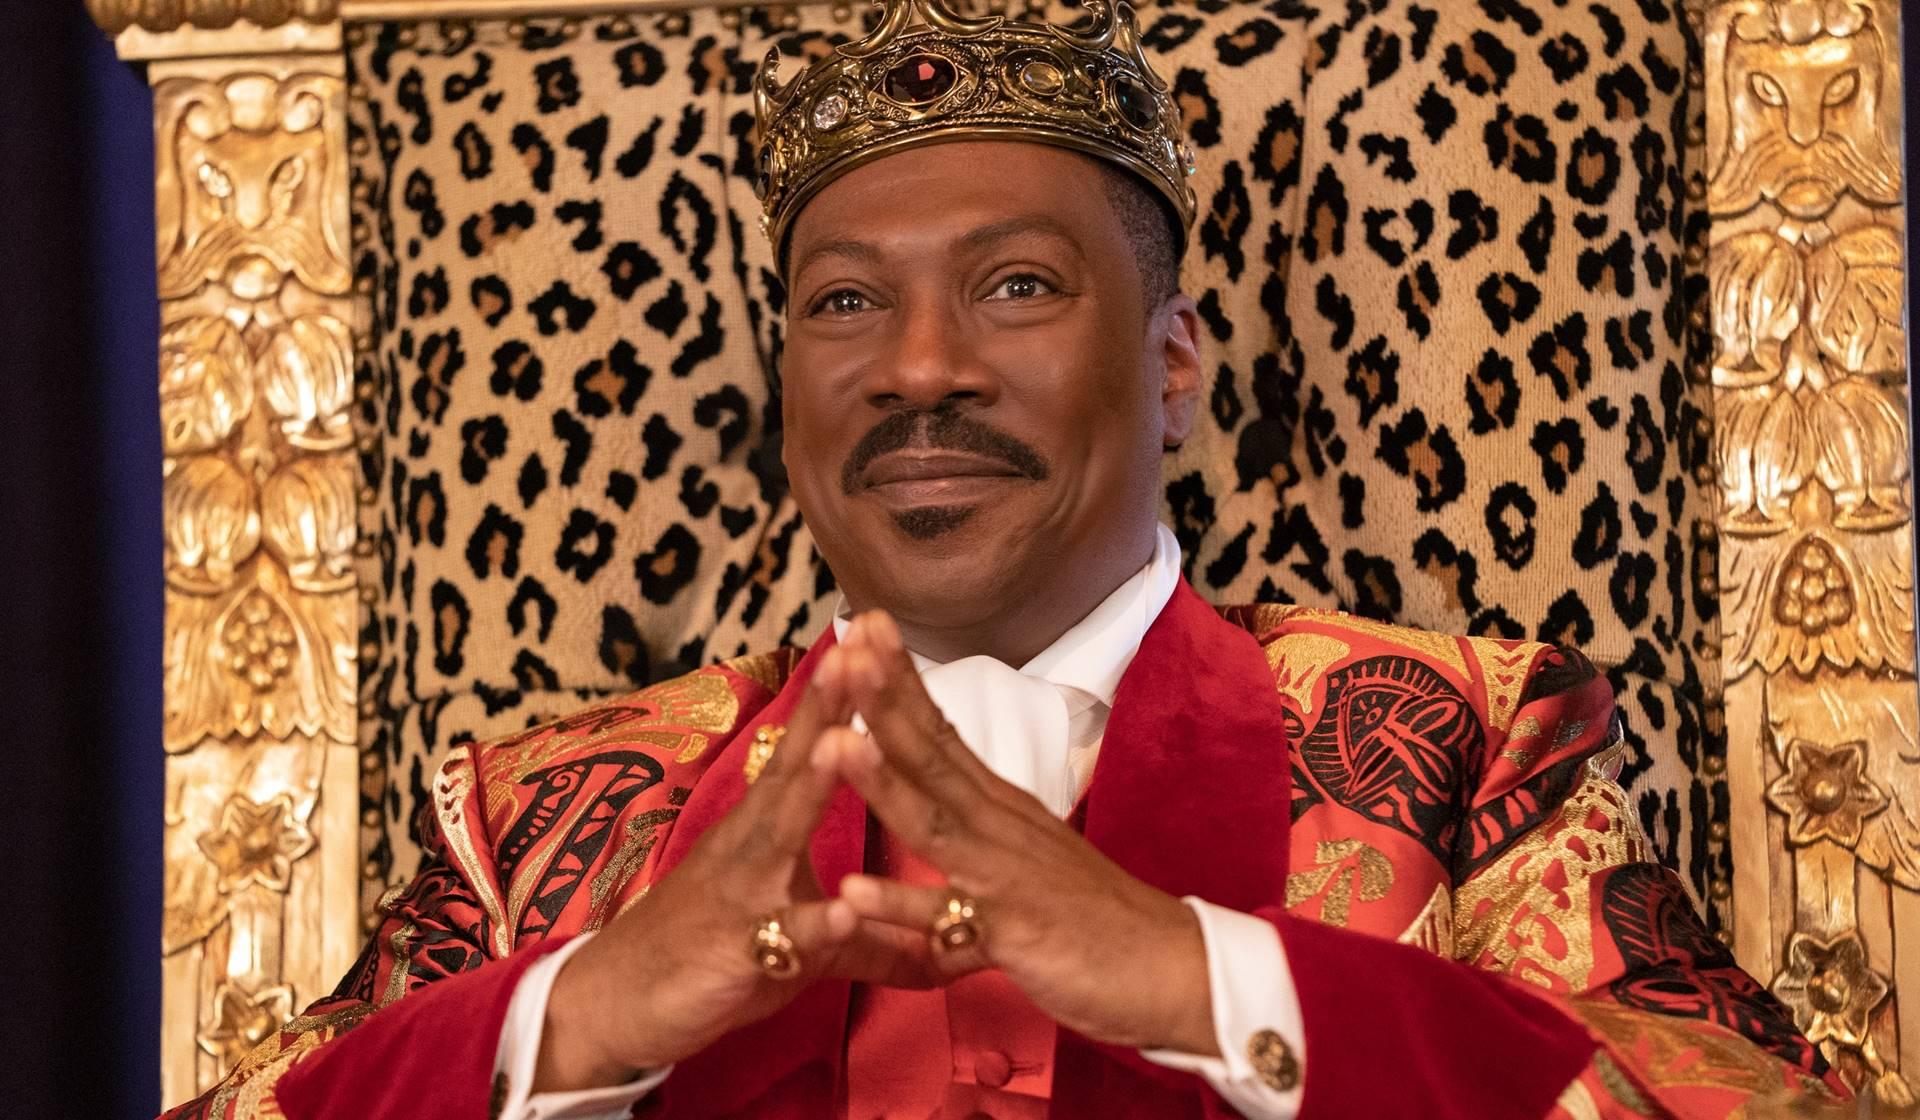 Crítica de Furius Fan a El Rey de Zamunda